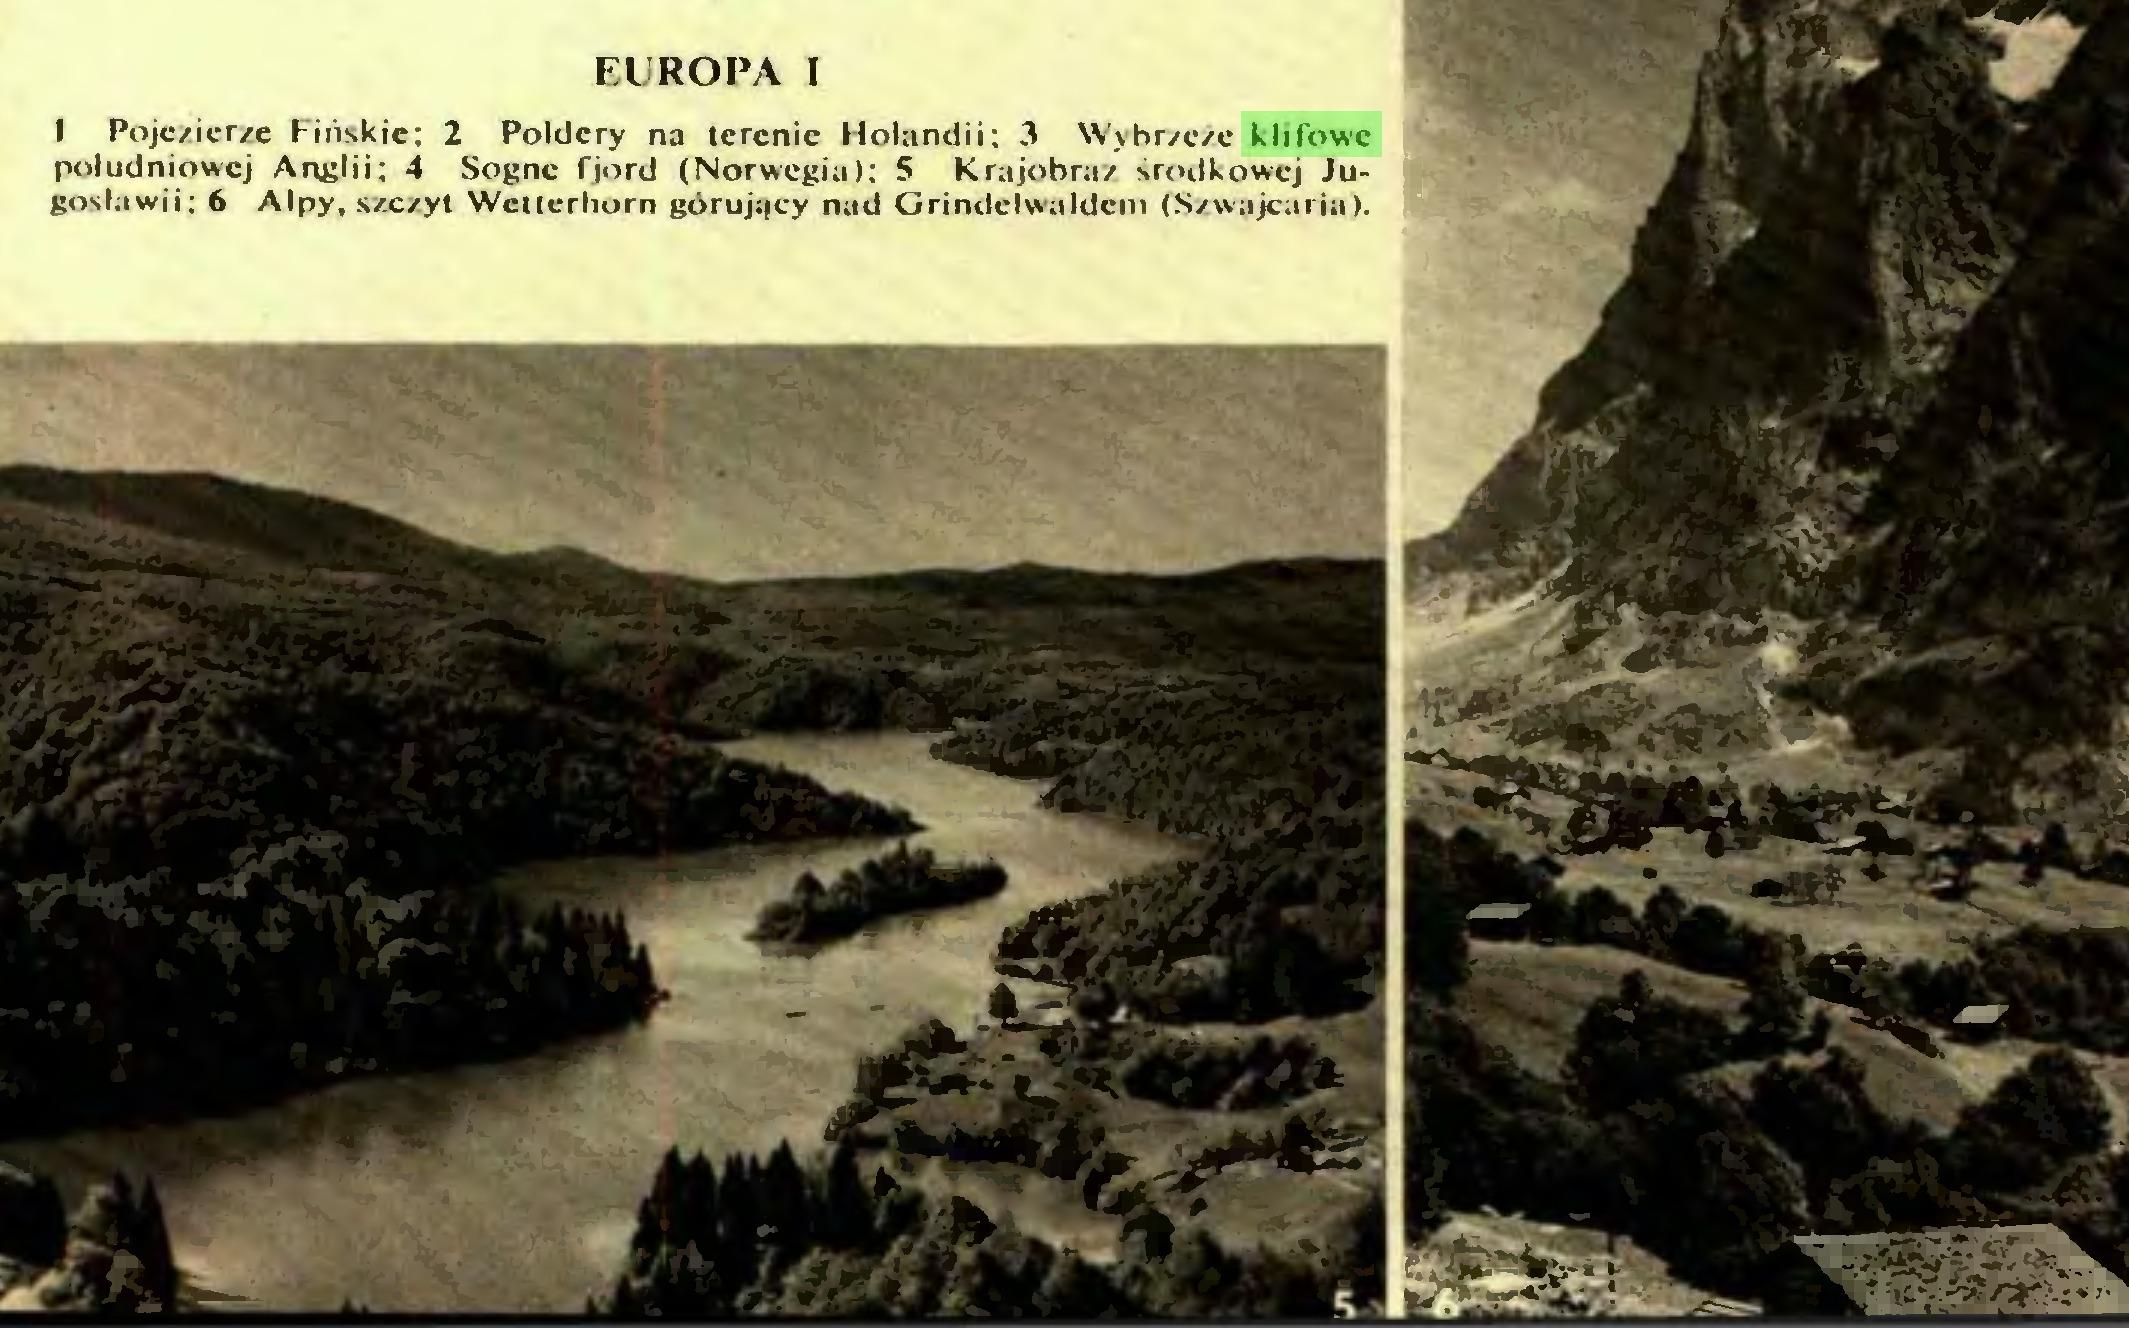 (...) WgM EUROPA I I Pojezierze Fińskie: 2 Poldery na terenie Holandii: 3 Wybrzeże klifowe południowej Anglii; 4 Sognc fjord (Norwegia); 5 Krajobraz środkowej Jugosławii; 6 Alpy, szczyt Wciterhorn górujący nad Grindclwaldcm (Szwajcaria). EUROPA II...